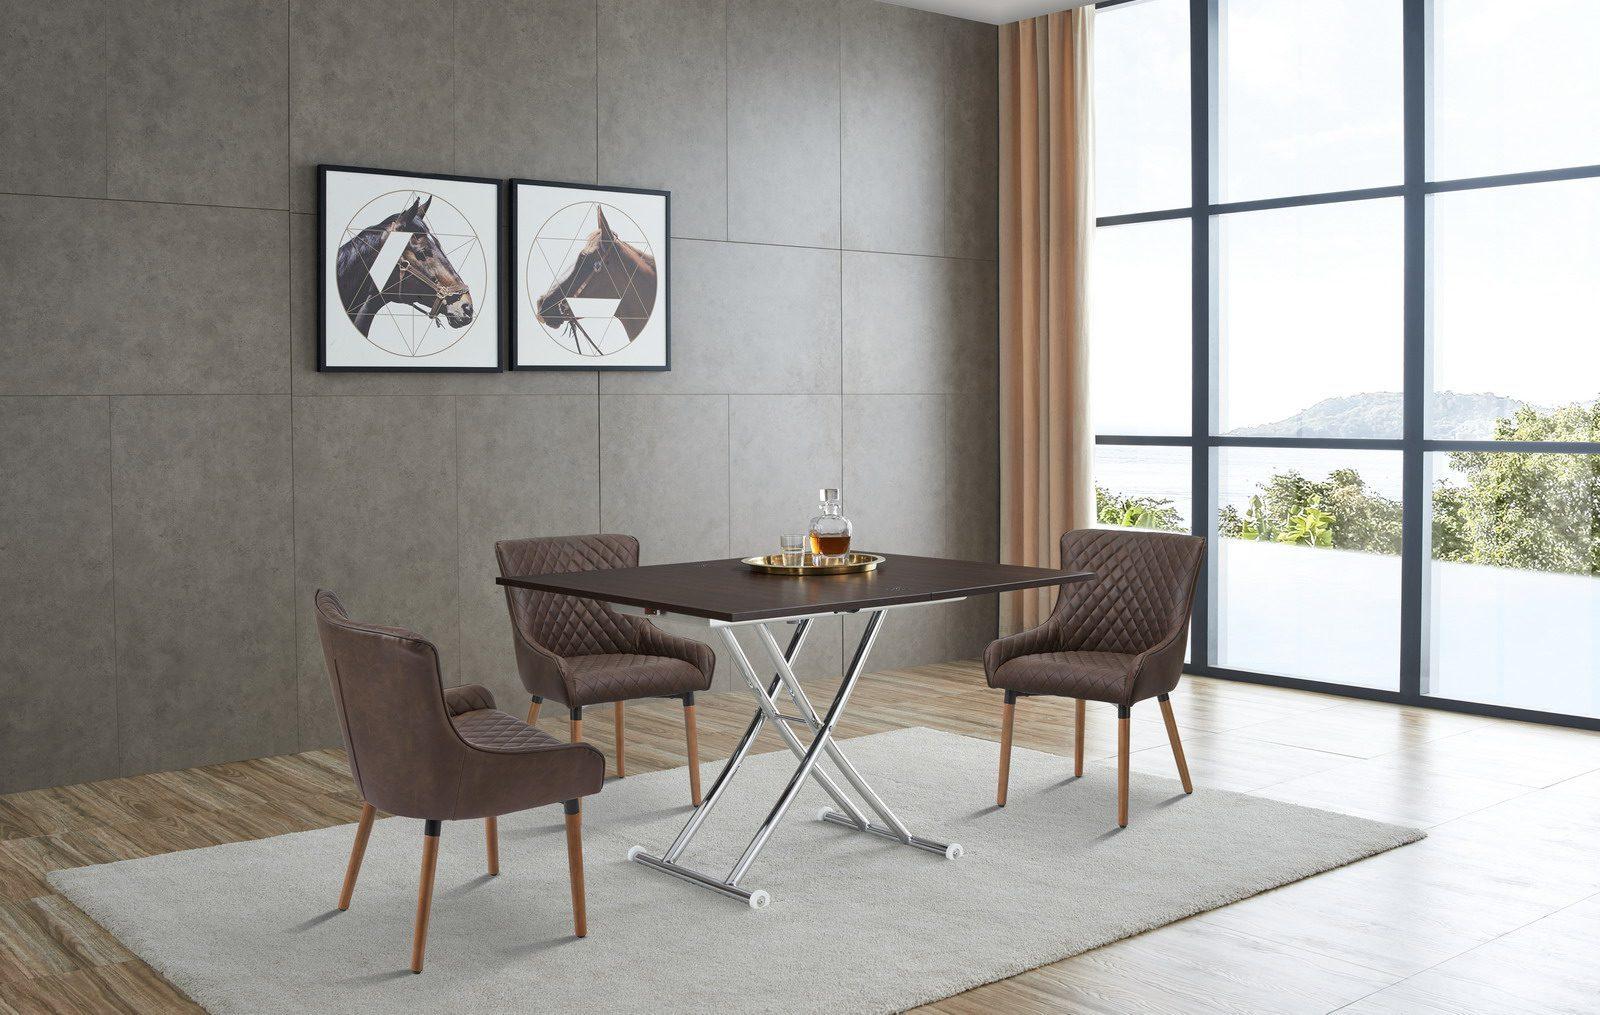 Стол-трансформер ESF В2219 AG венге и стулья 9-19M коричневые (brown)